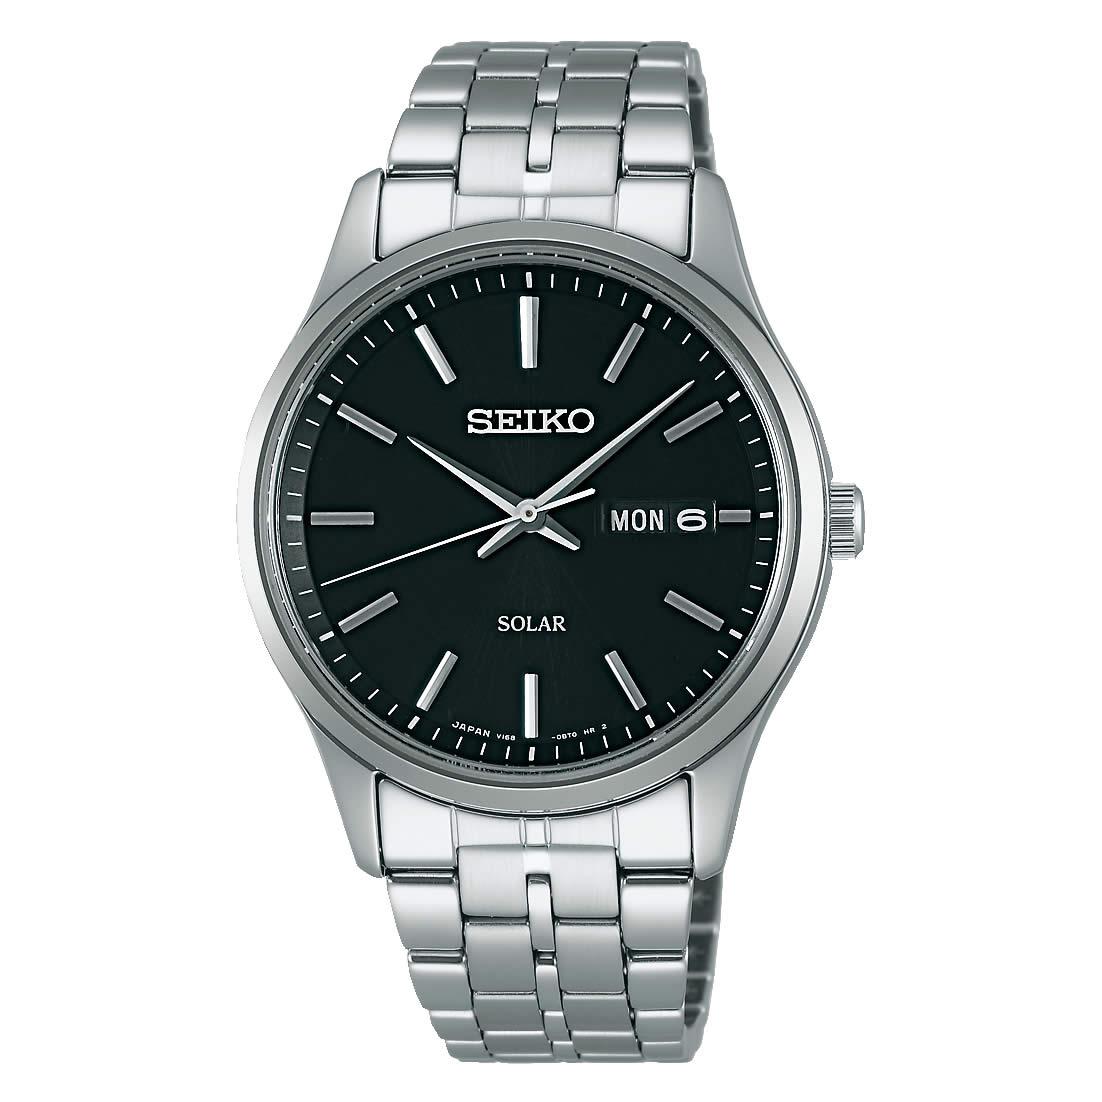 【送料無料】【国内正規品】セイコー スピリット SEIKO SPIRIT 腕時計 ソーラー メンズ SBPX069 100M 10気圧防水 ビジネス シンプル ソーラー腕時計 きれいめ 人気 うでどけい とけい WATCH 時計【取り寄せ】